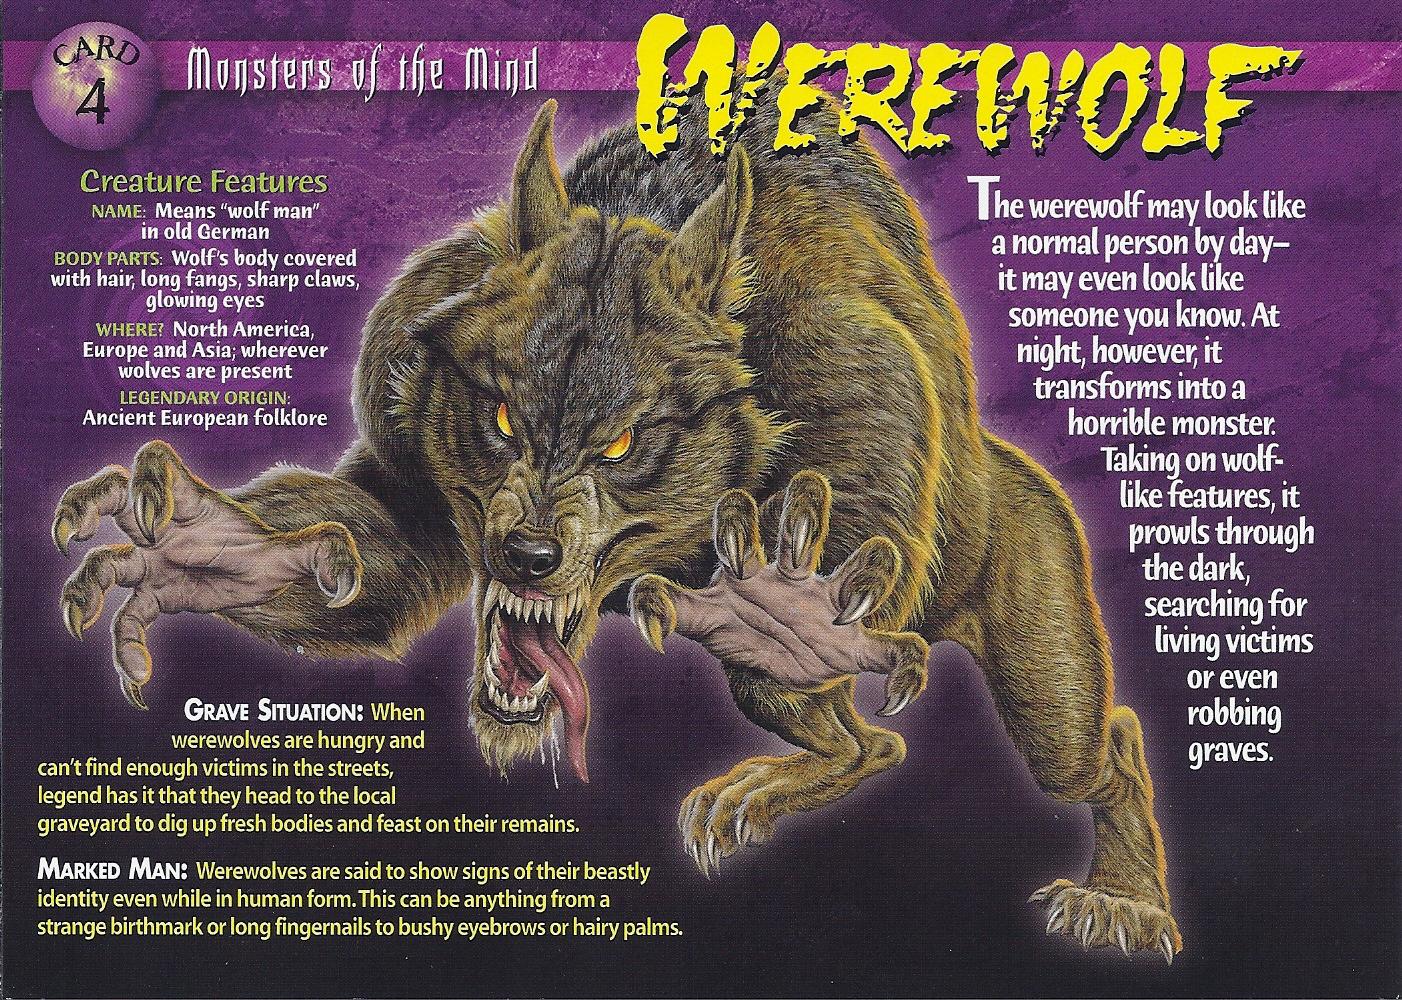 Werewolf vs weretiger - photo#52